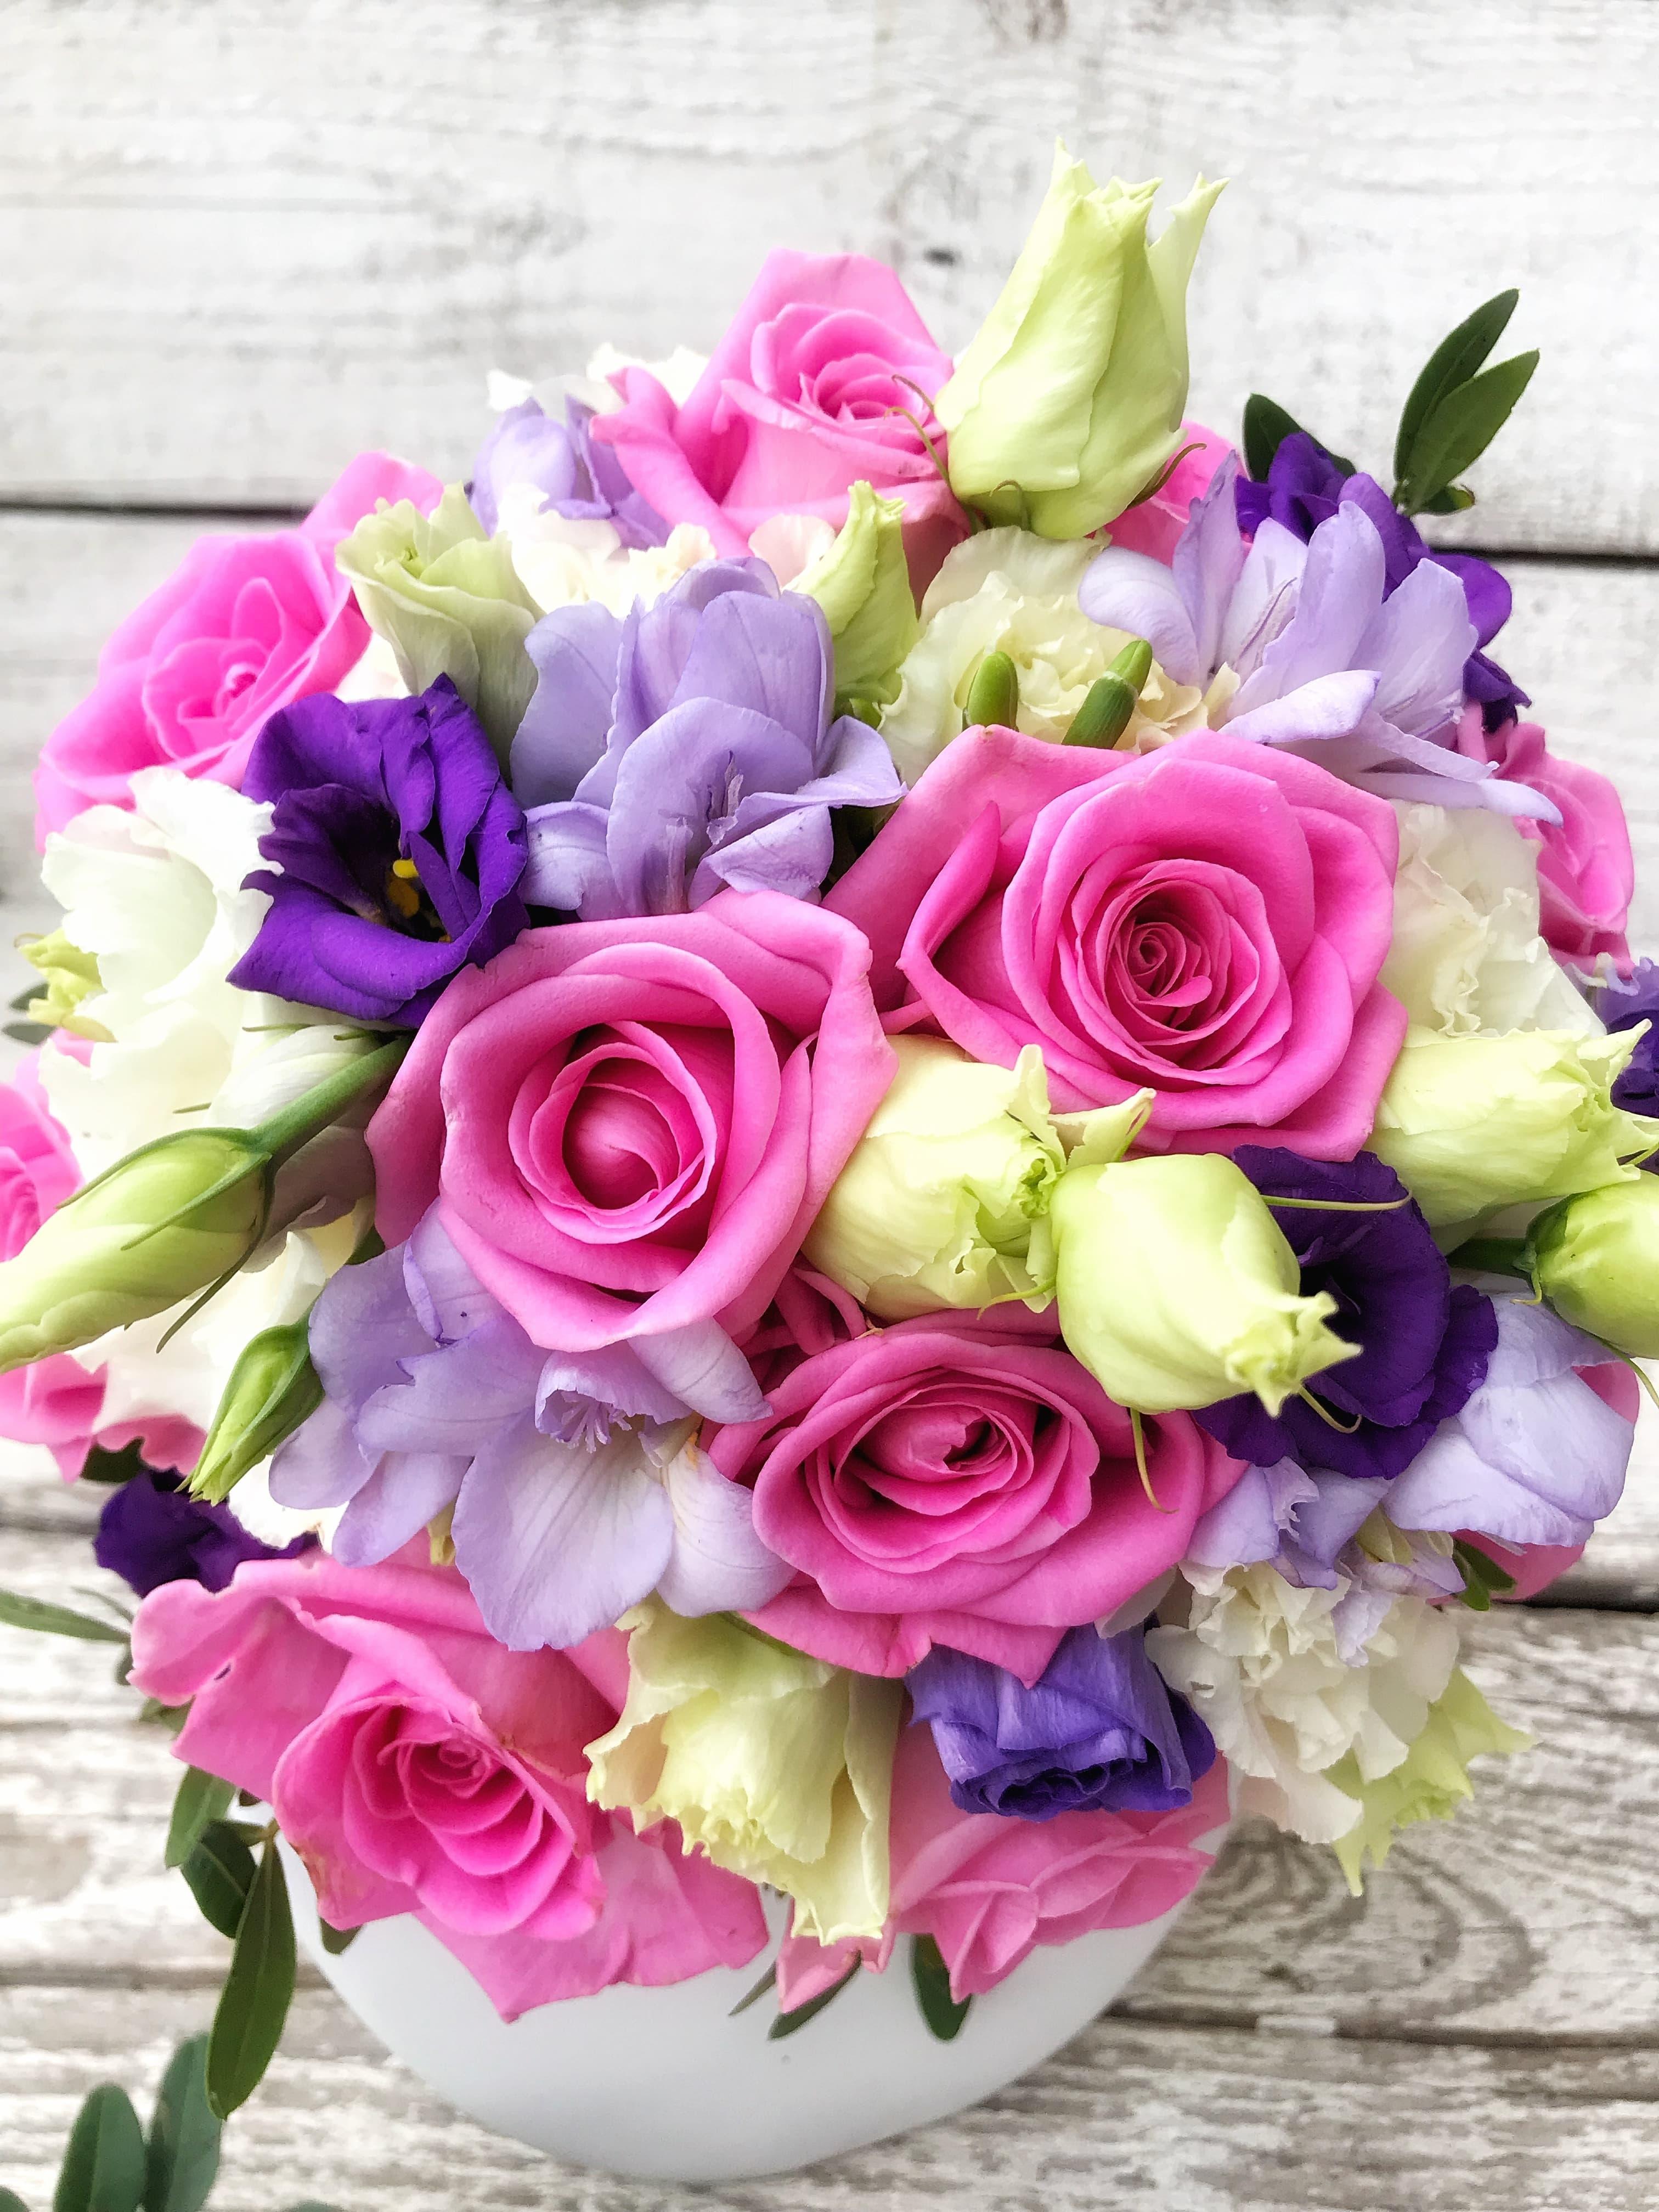 Недорогие цветы в минске доставка